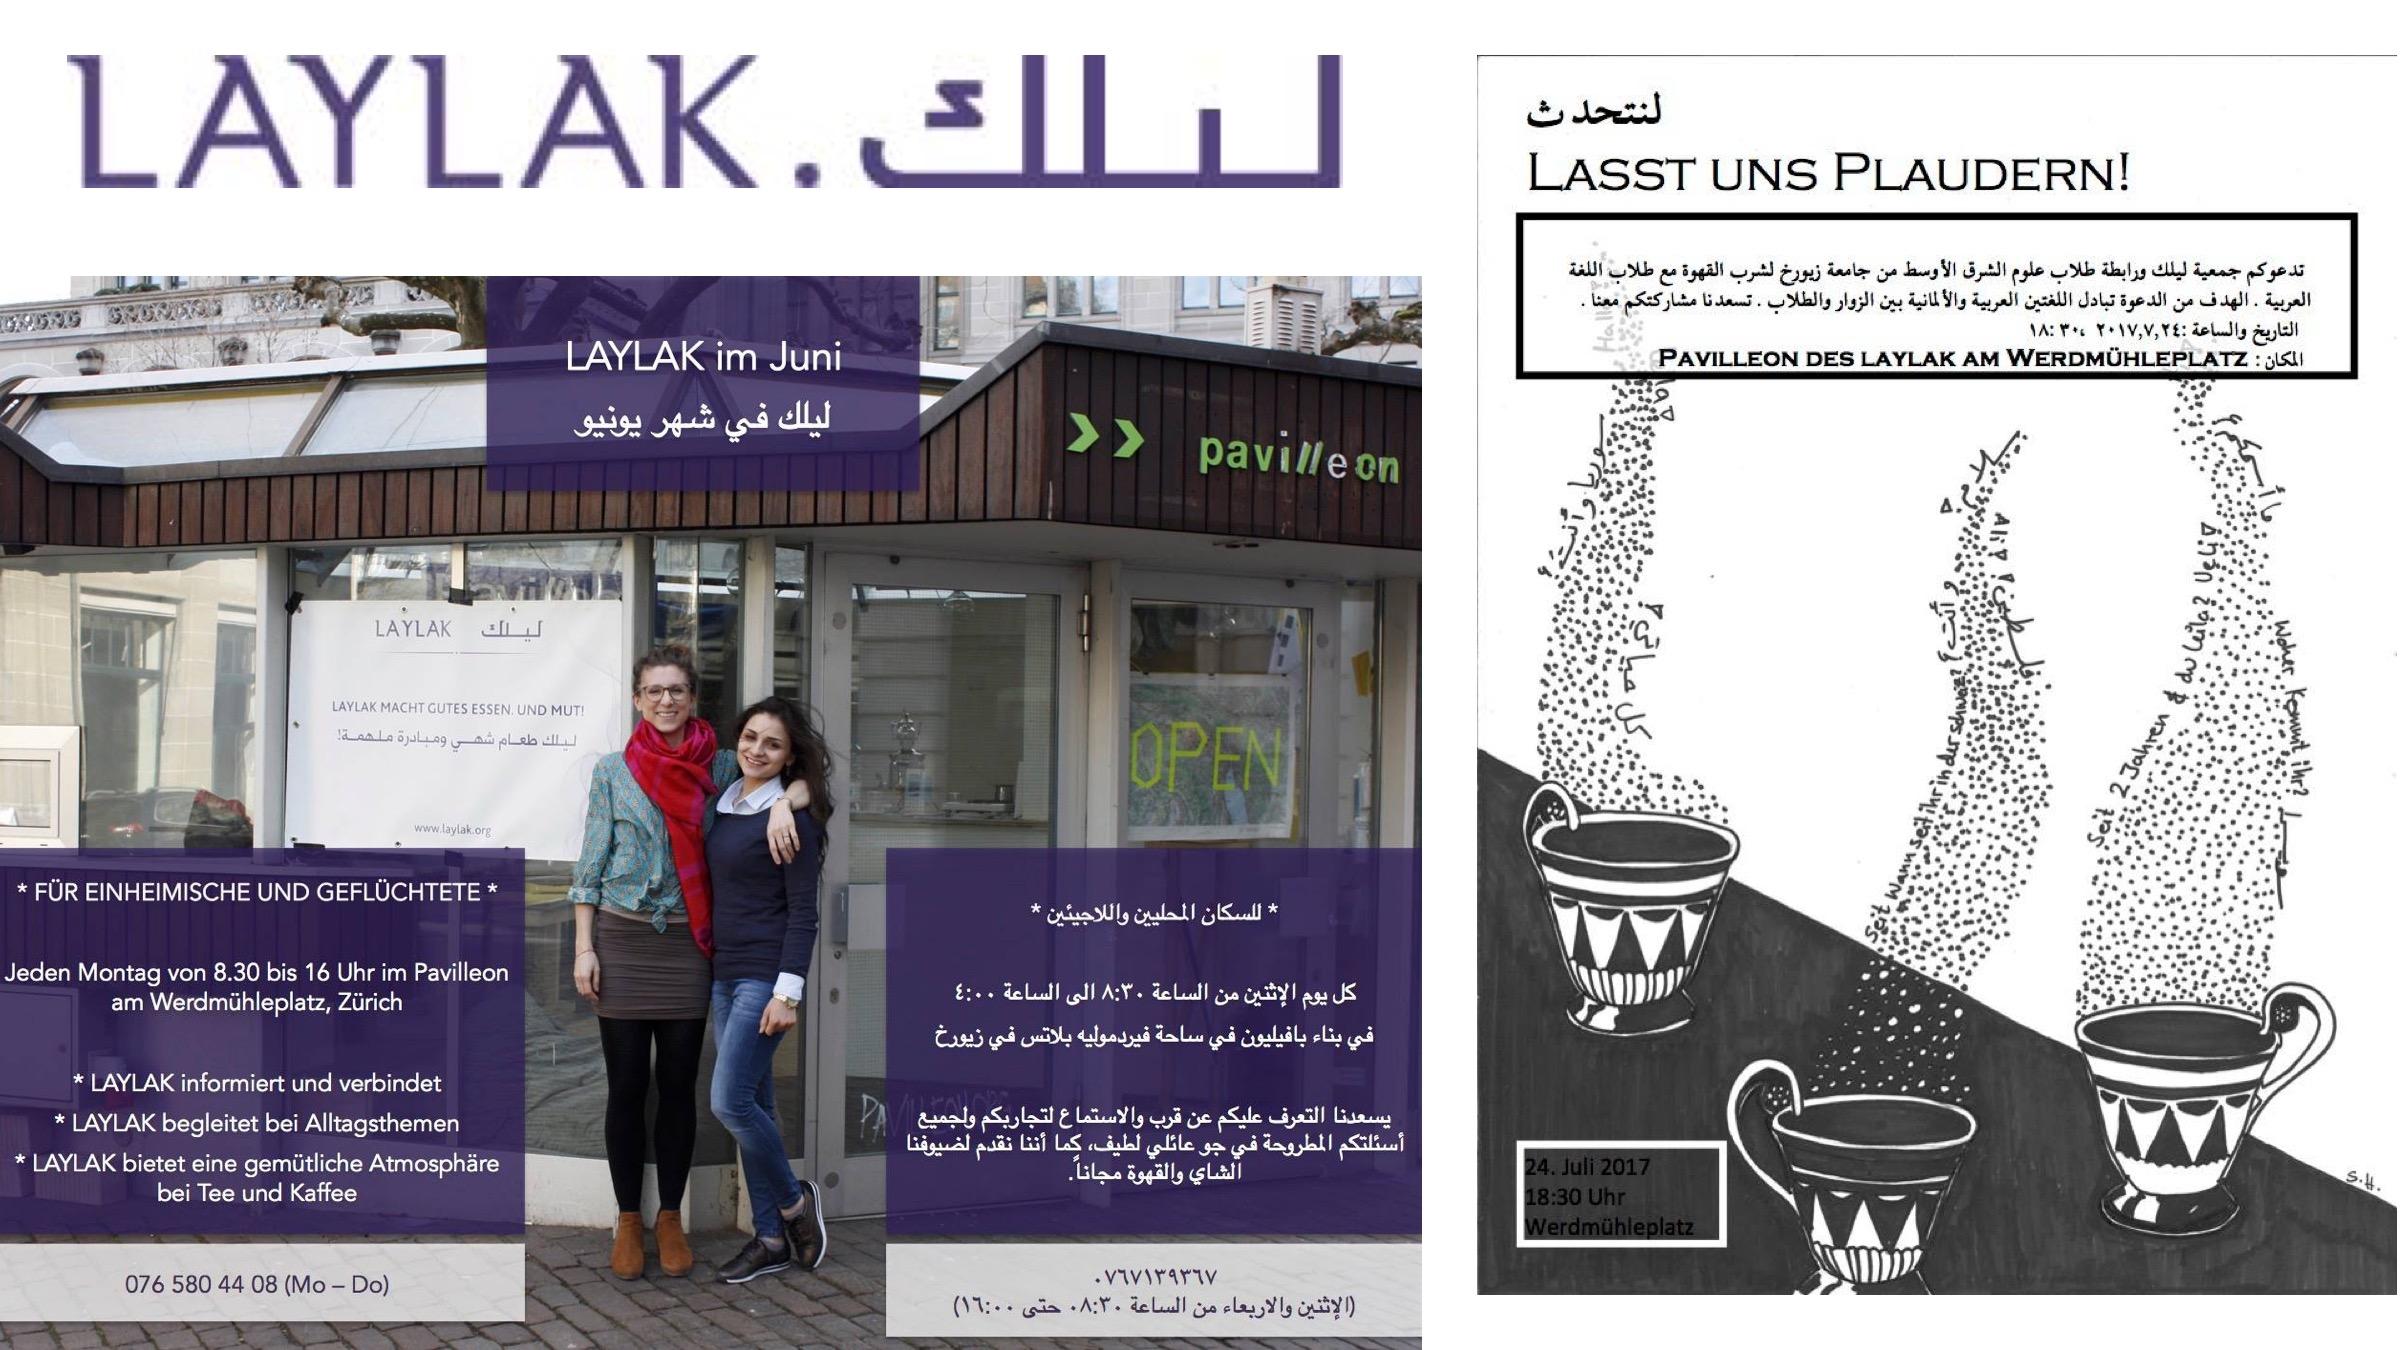 Laylak Infodesk für Geflüchtete